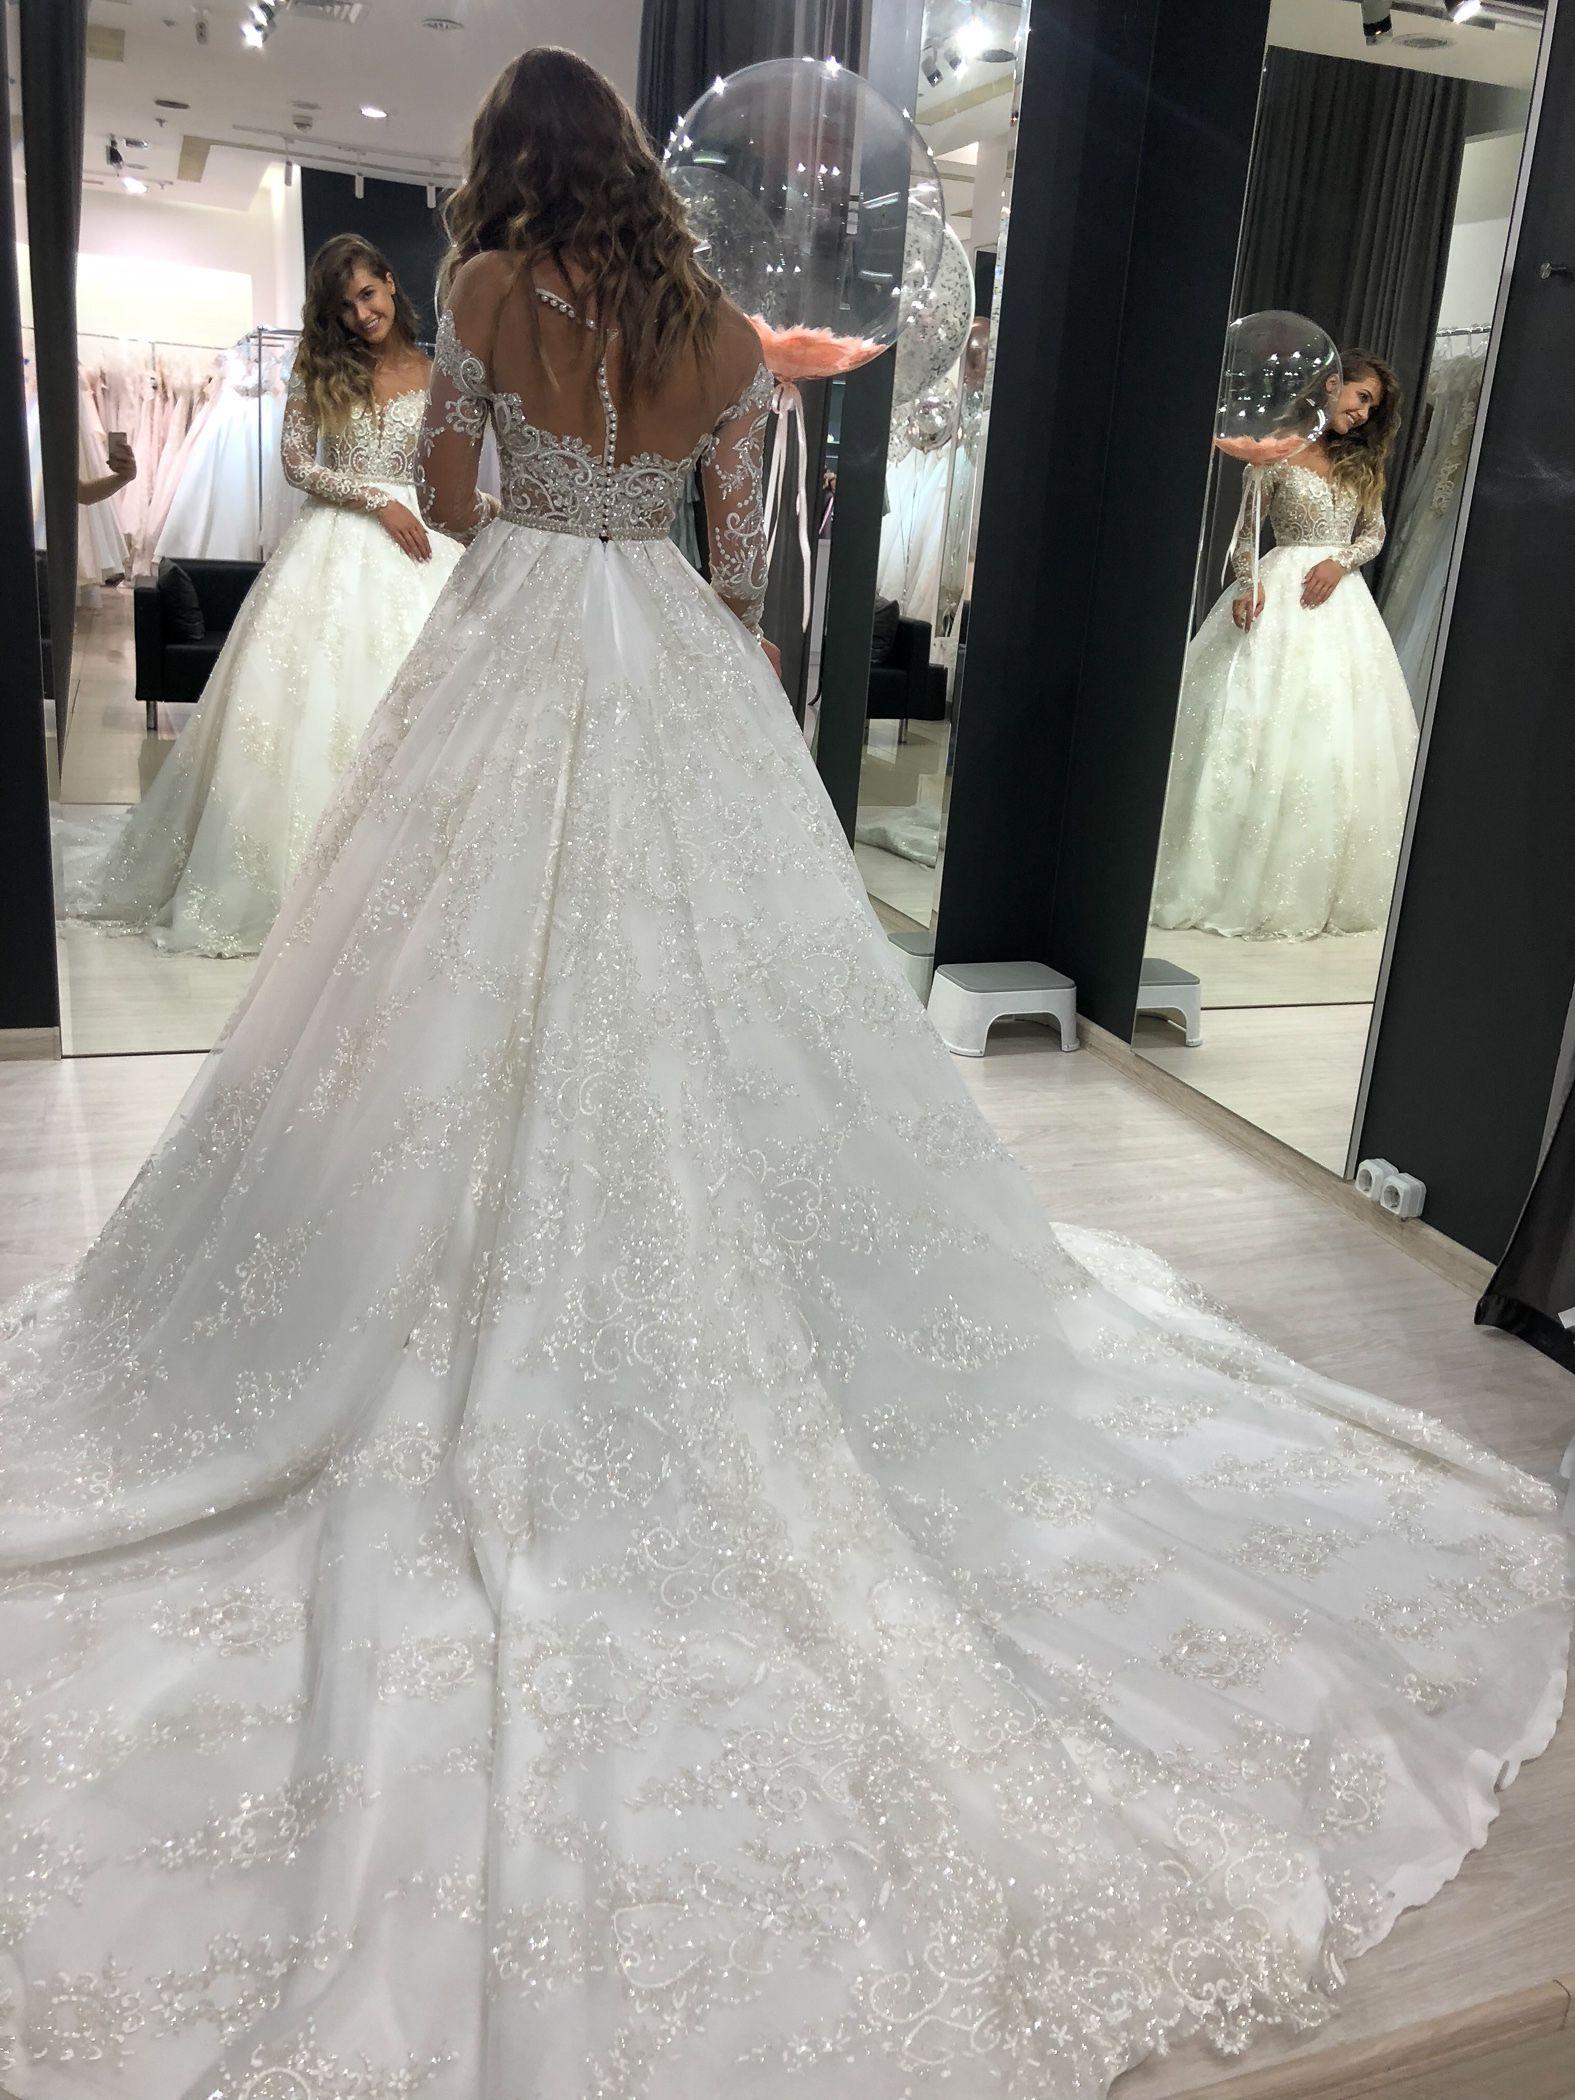 Batist By Olivia Bottega Full Skirt Glittered Wedding Dress Etsy Wedding Dresses Sparkle Wedding Dress Sparkly Wedding Dress [ 2100 x 1575 Pixel ]